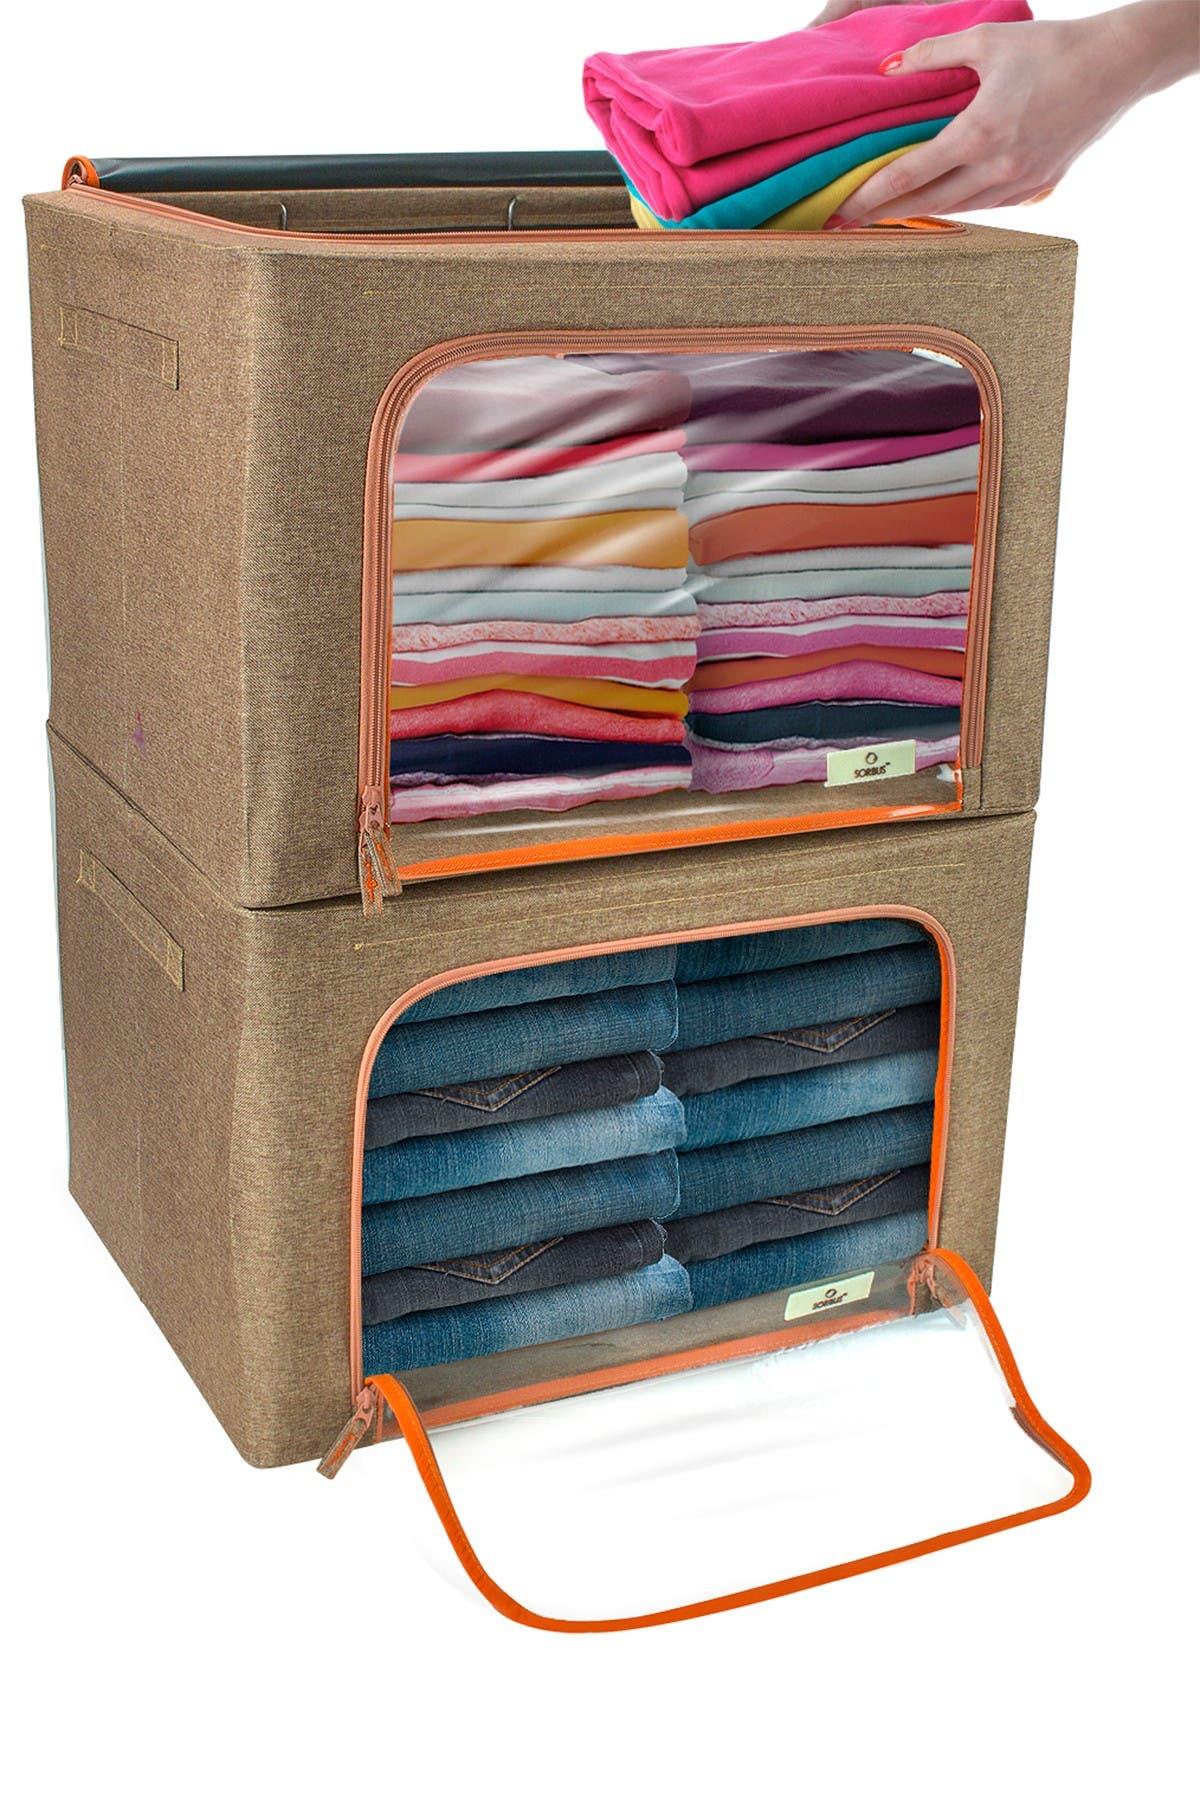 Image of Sorbus Brown Window Storage Box - Pack of 2